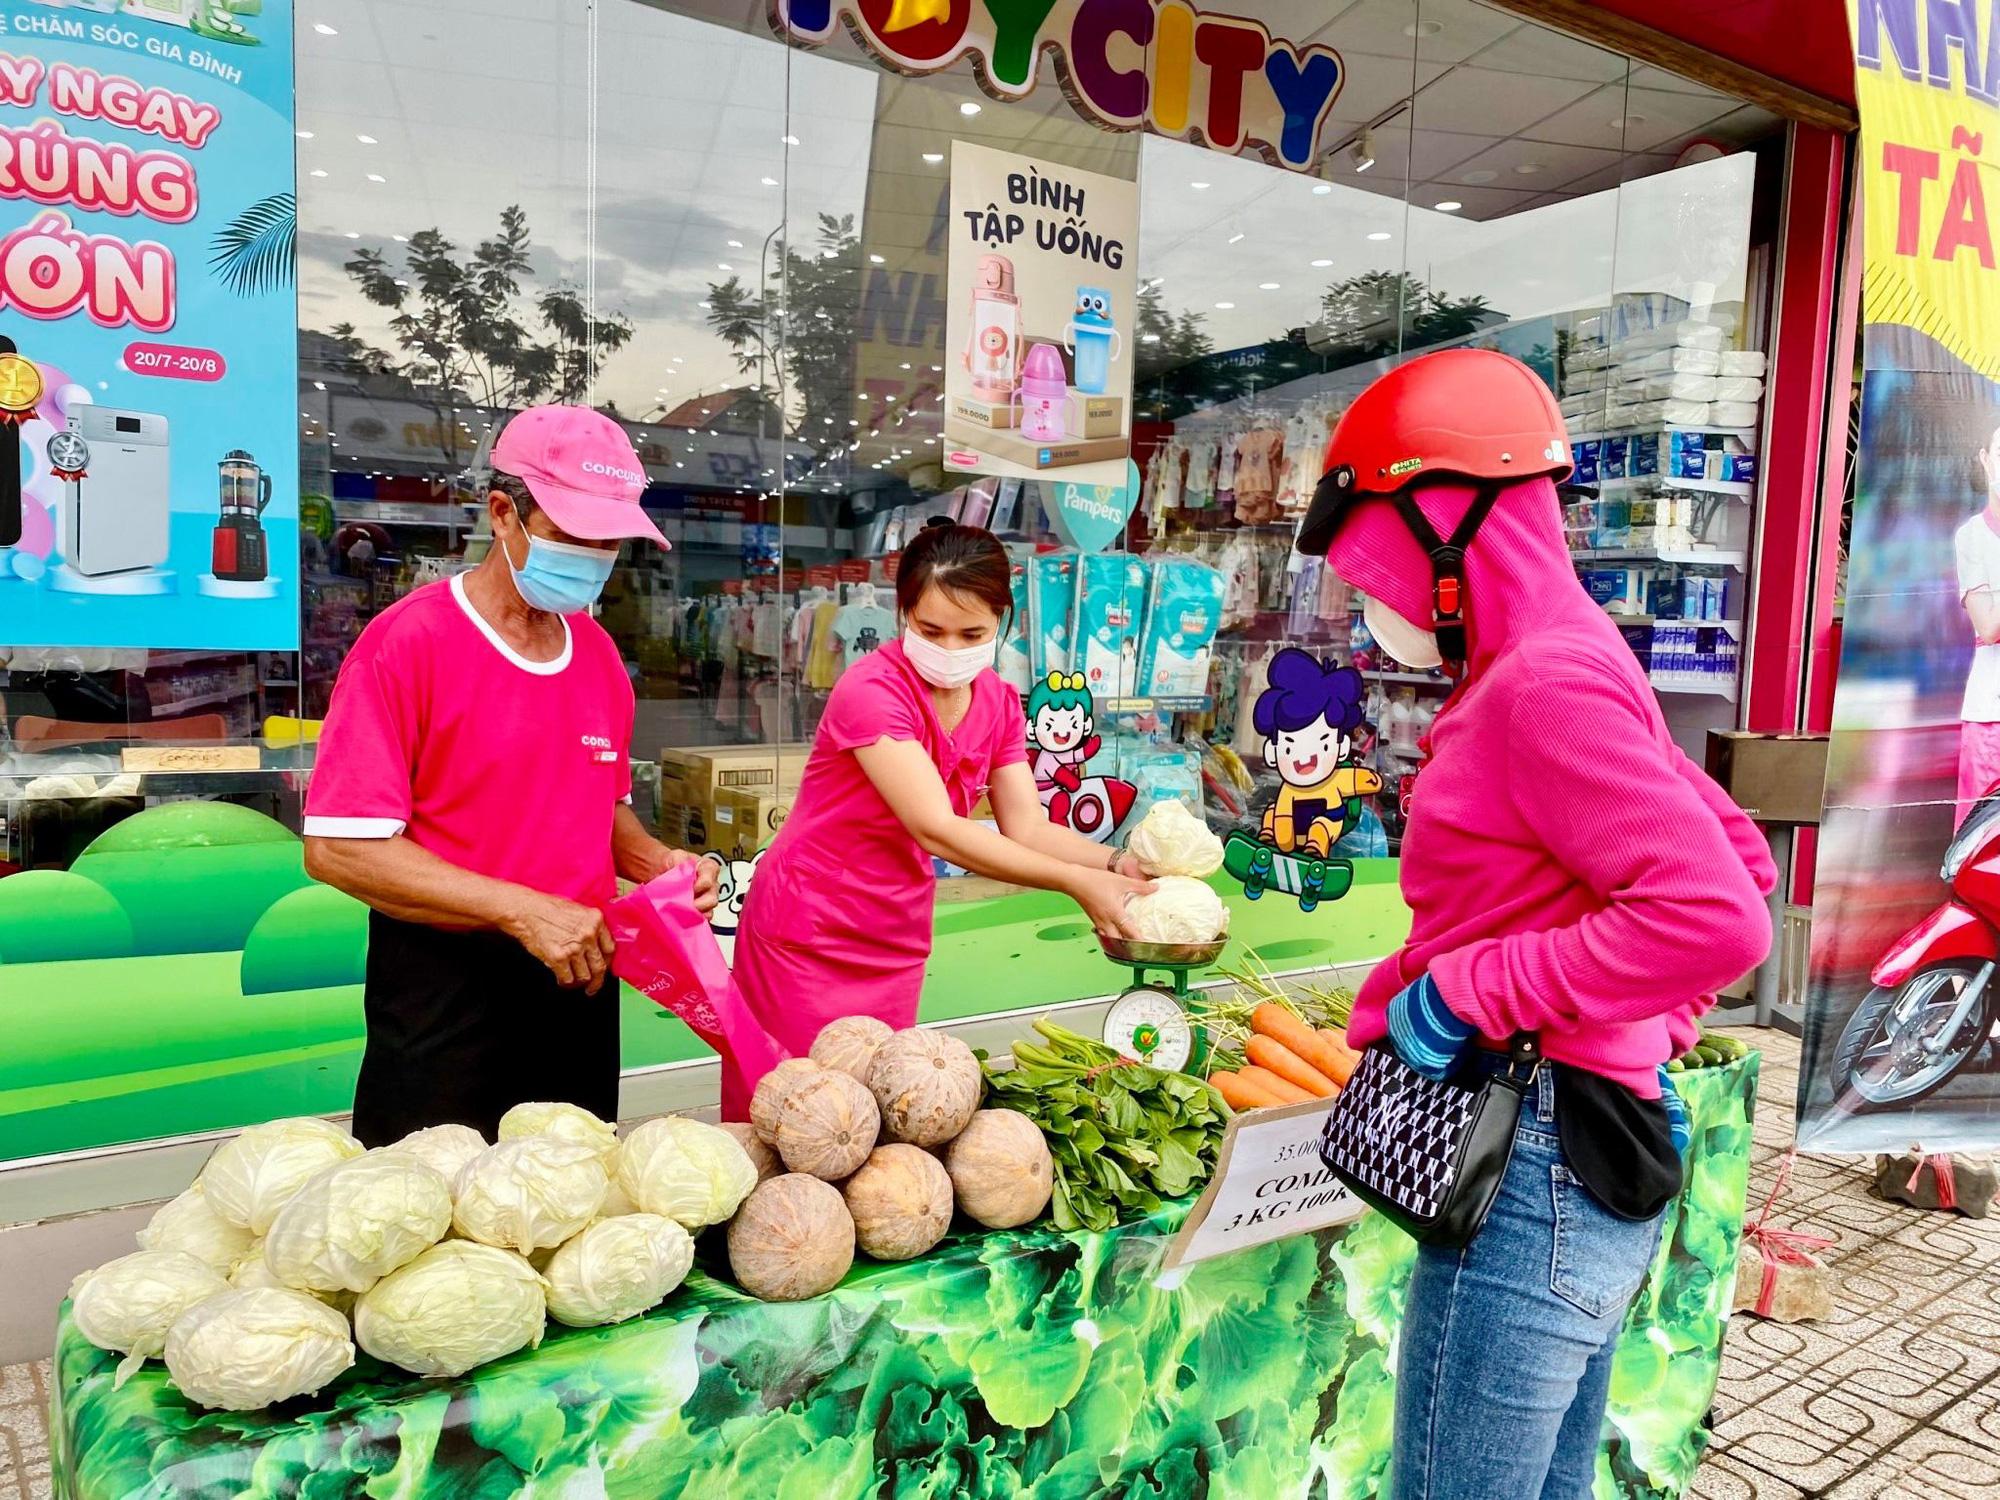 Ngoài siêu thị, người dân ở TP.HCM có thể tới những địa chỉ này mua rau củ, thịt cá - ảnh 4